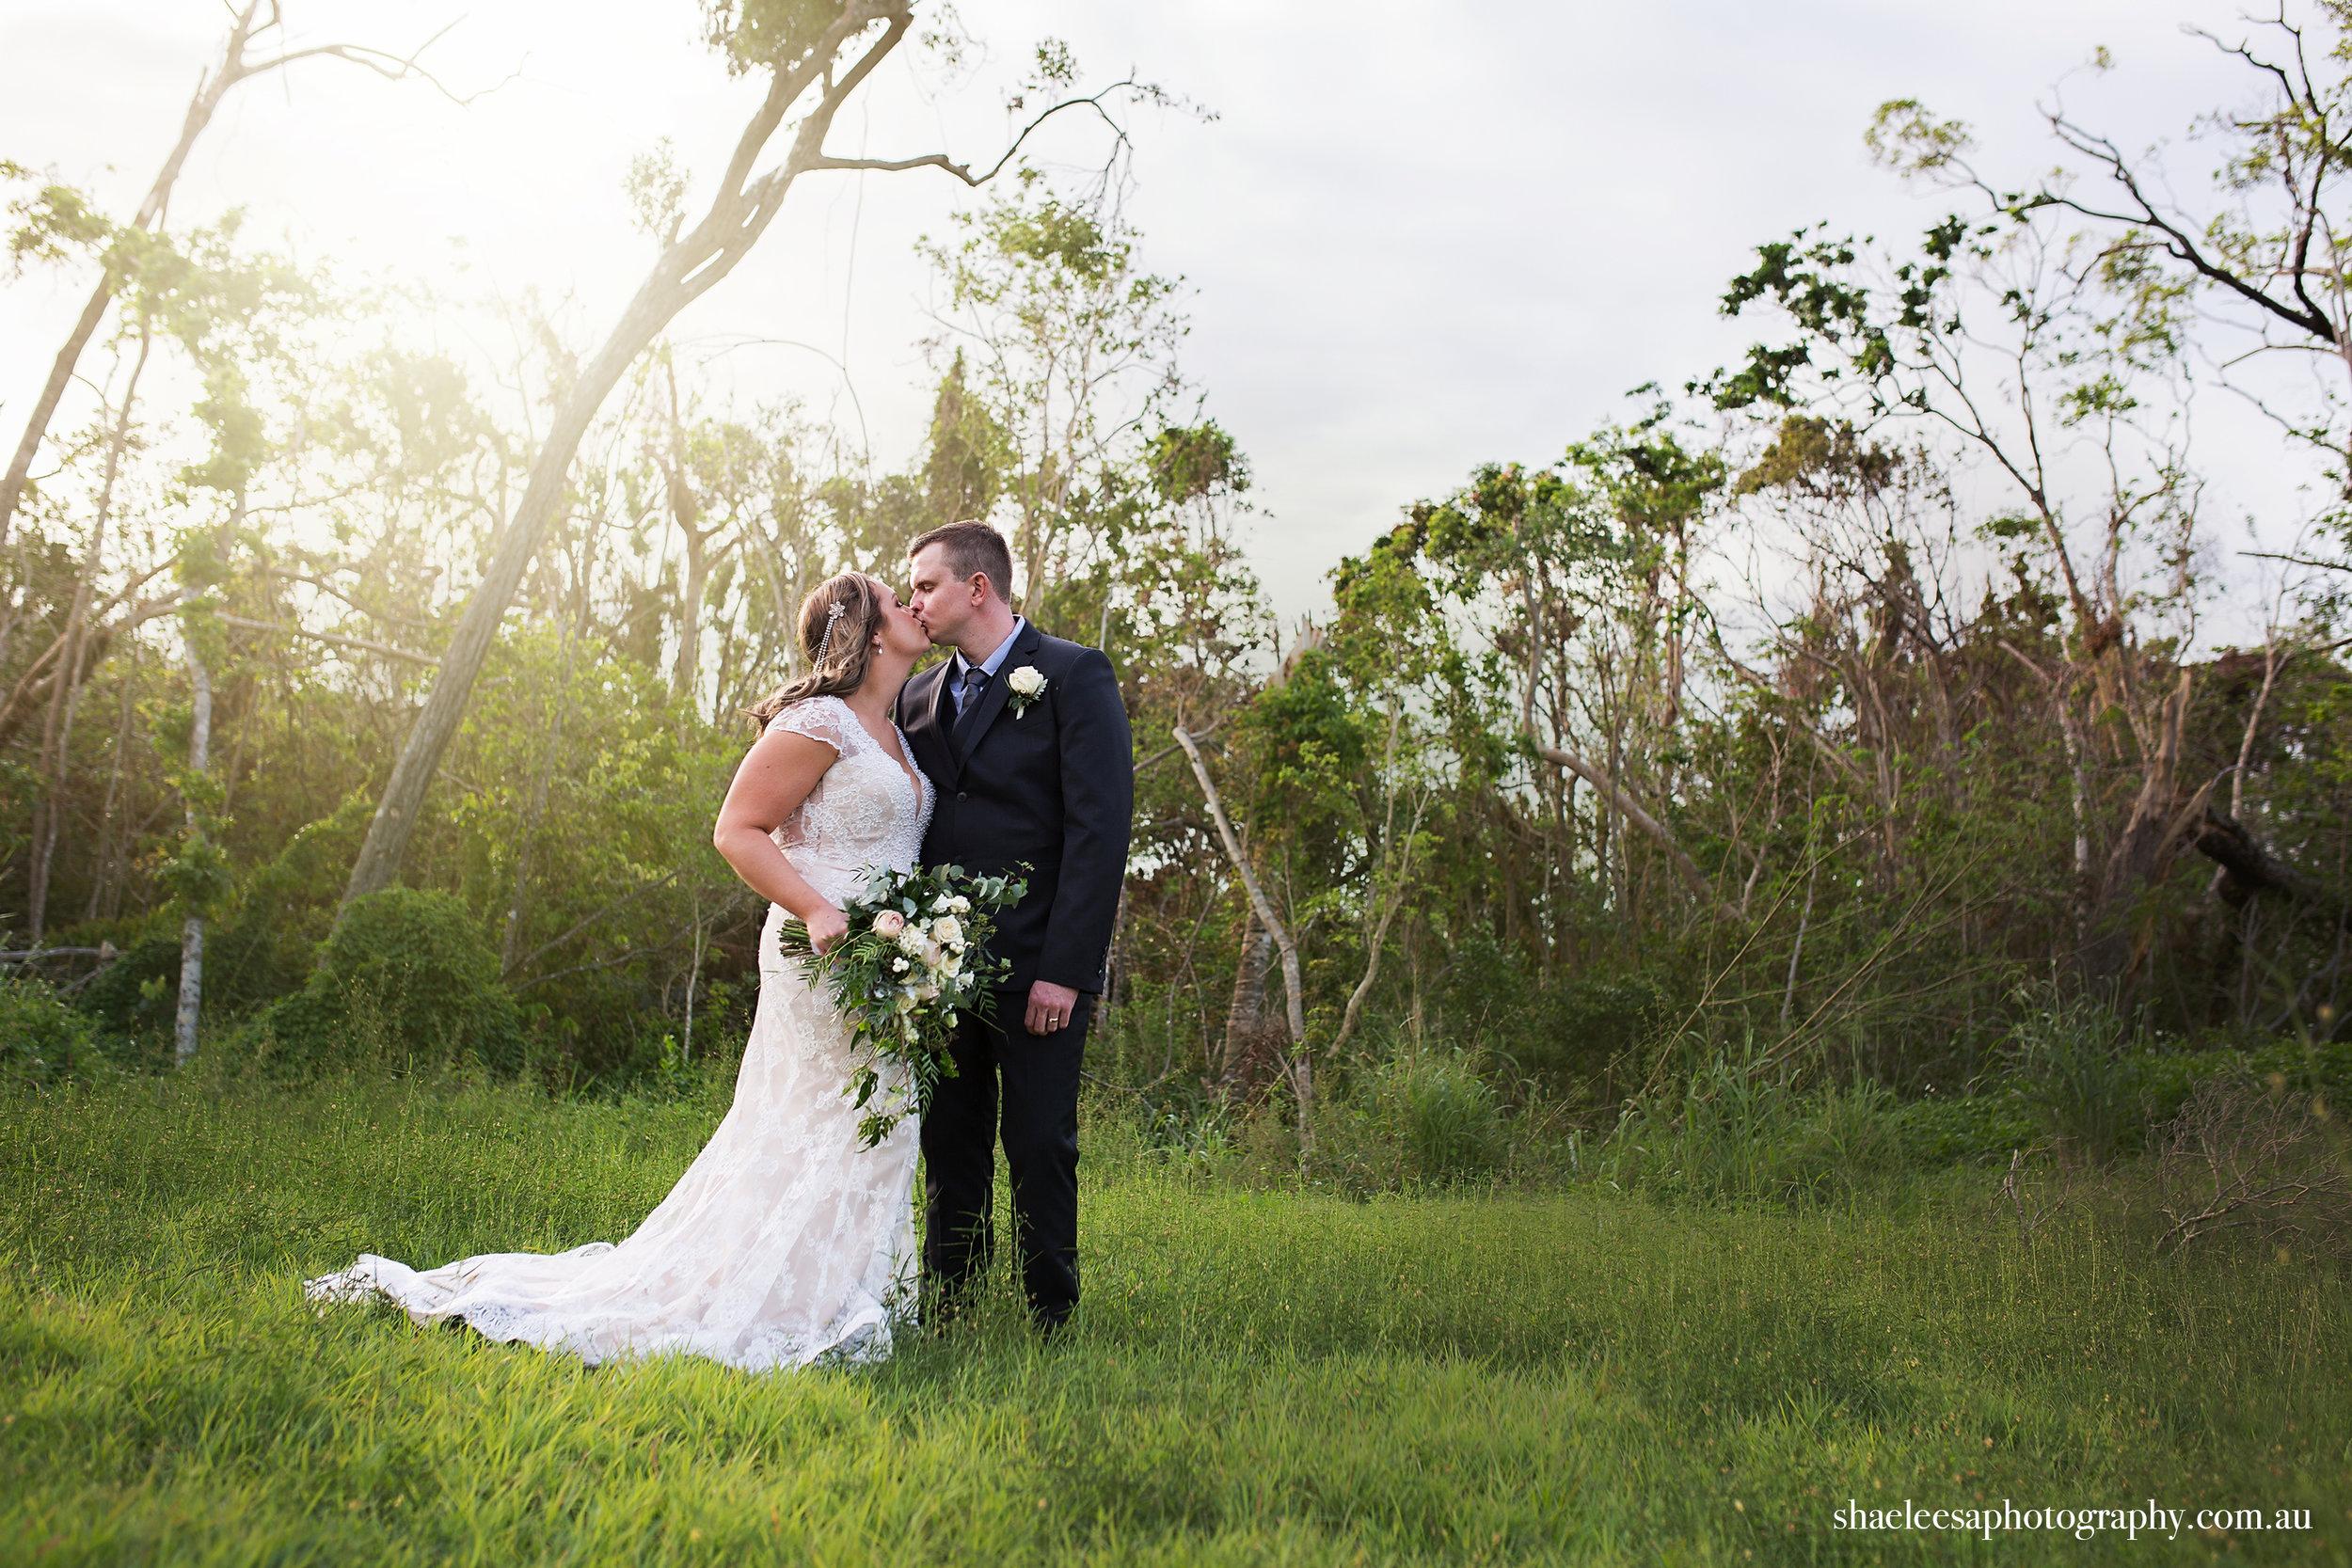 WeddingsByShae_150_McDermid2017.jpg